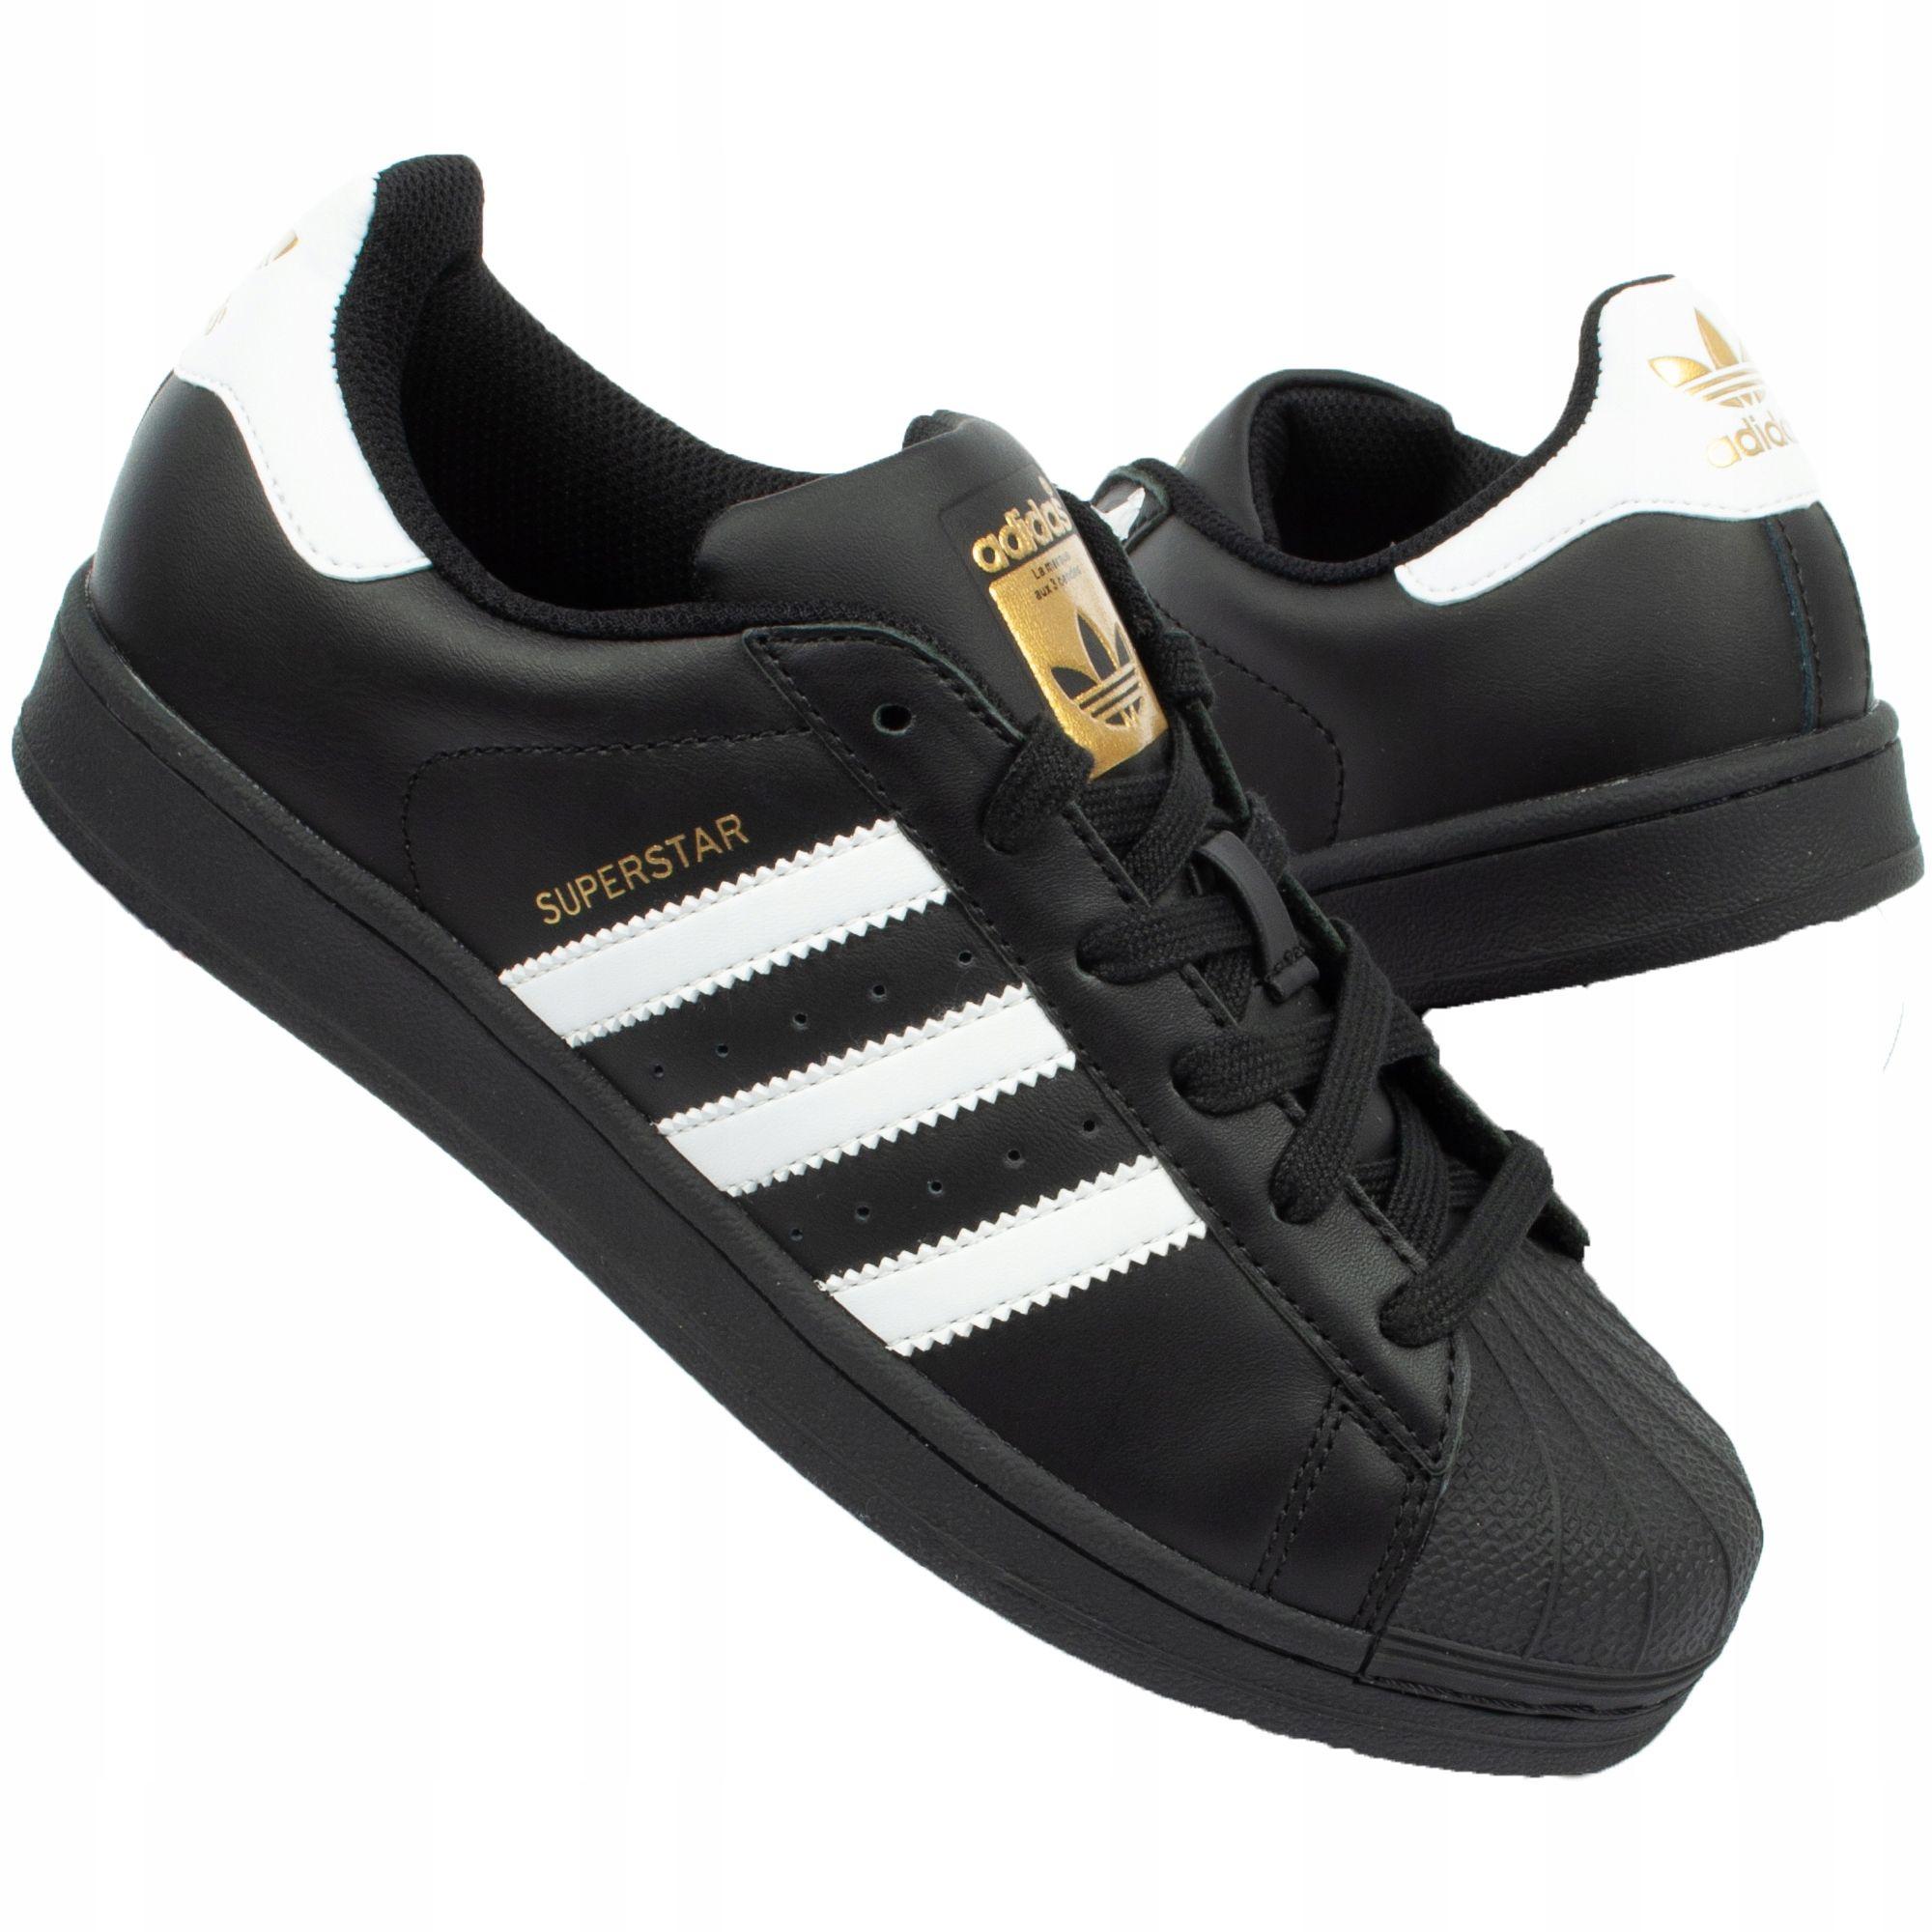 Buty Damskie Adidas Superstar B27140 R 38 Adidas Superstar Sneaker Adidas Sneakers Sneakers